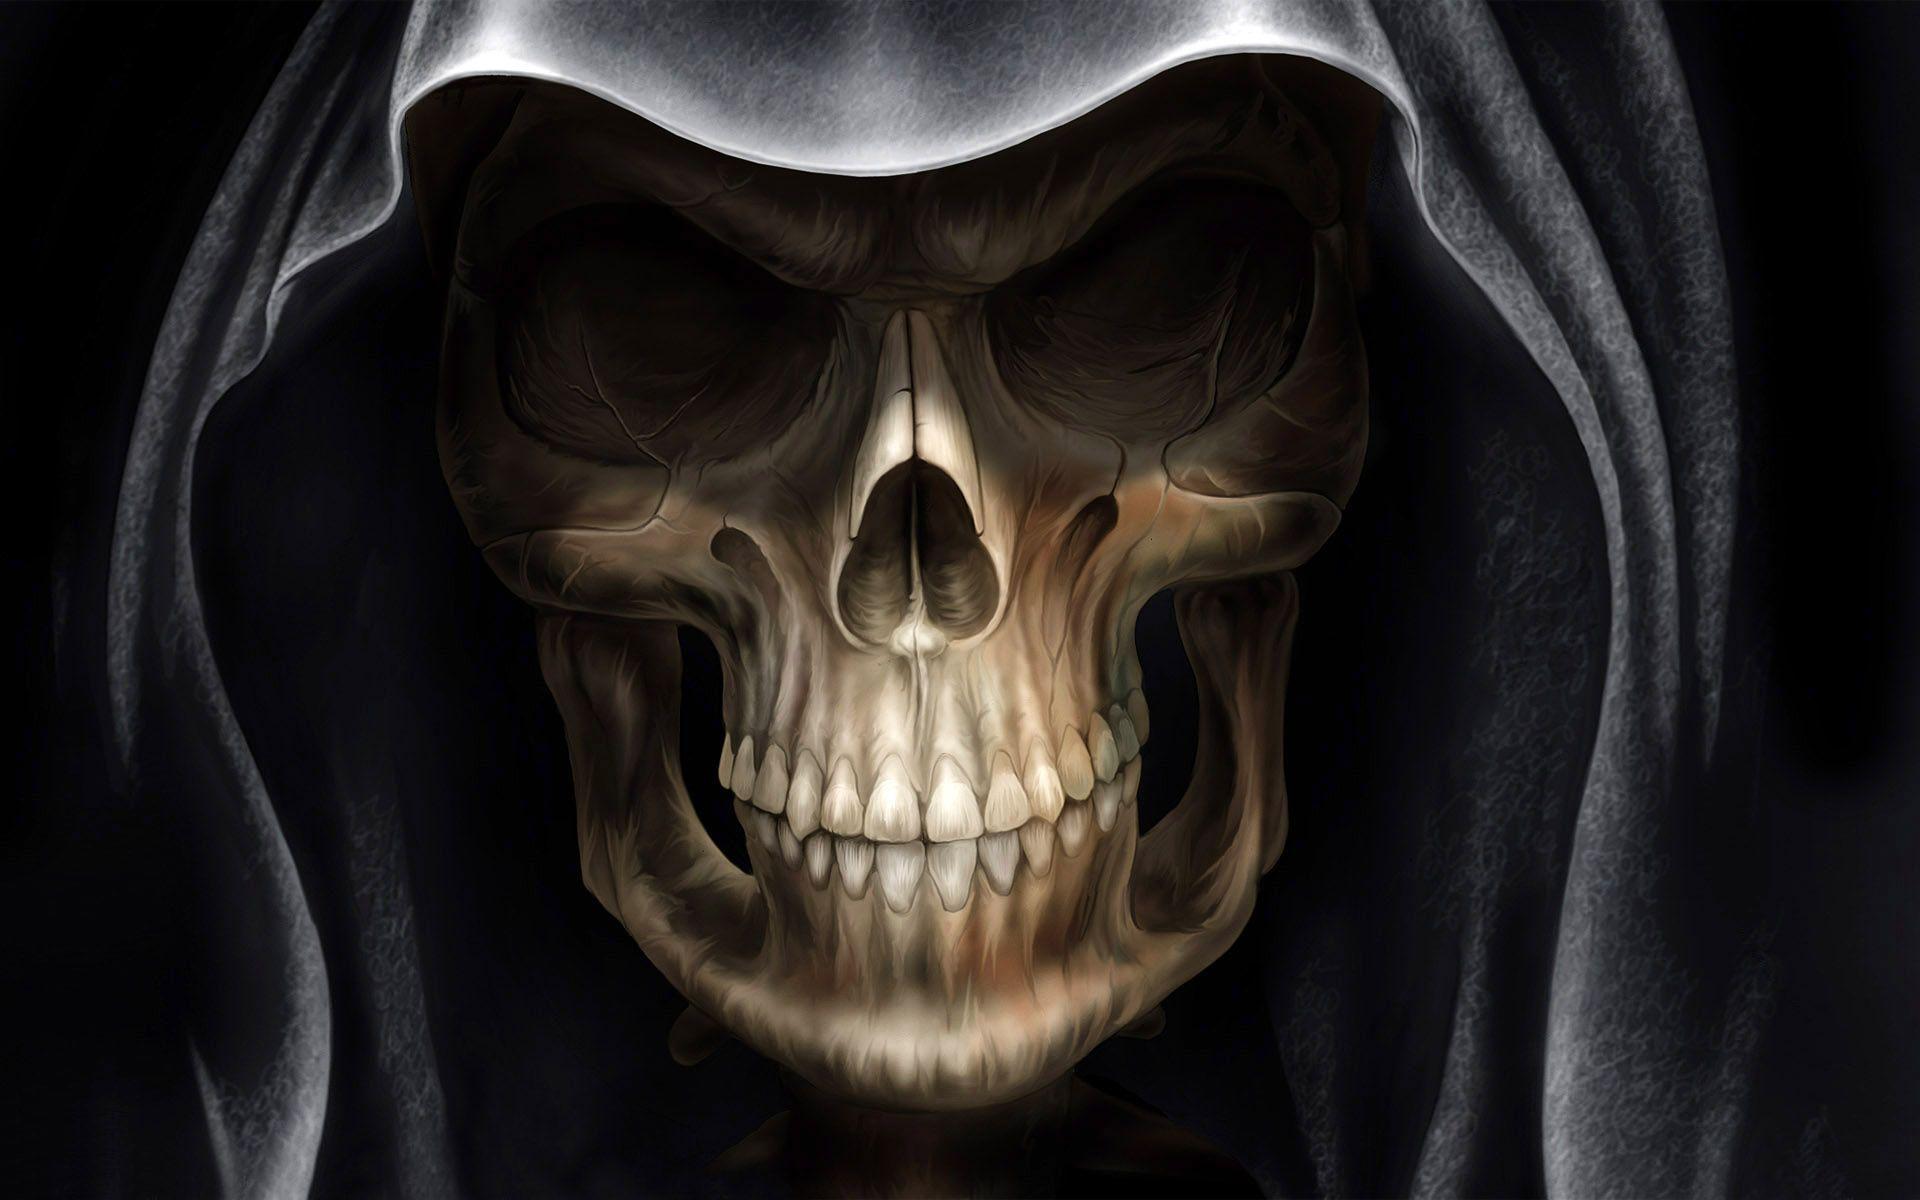 Demon Alien Devil Skull Wallpapers